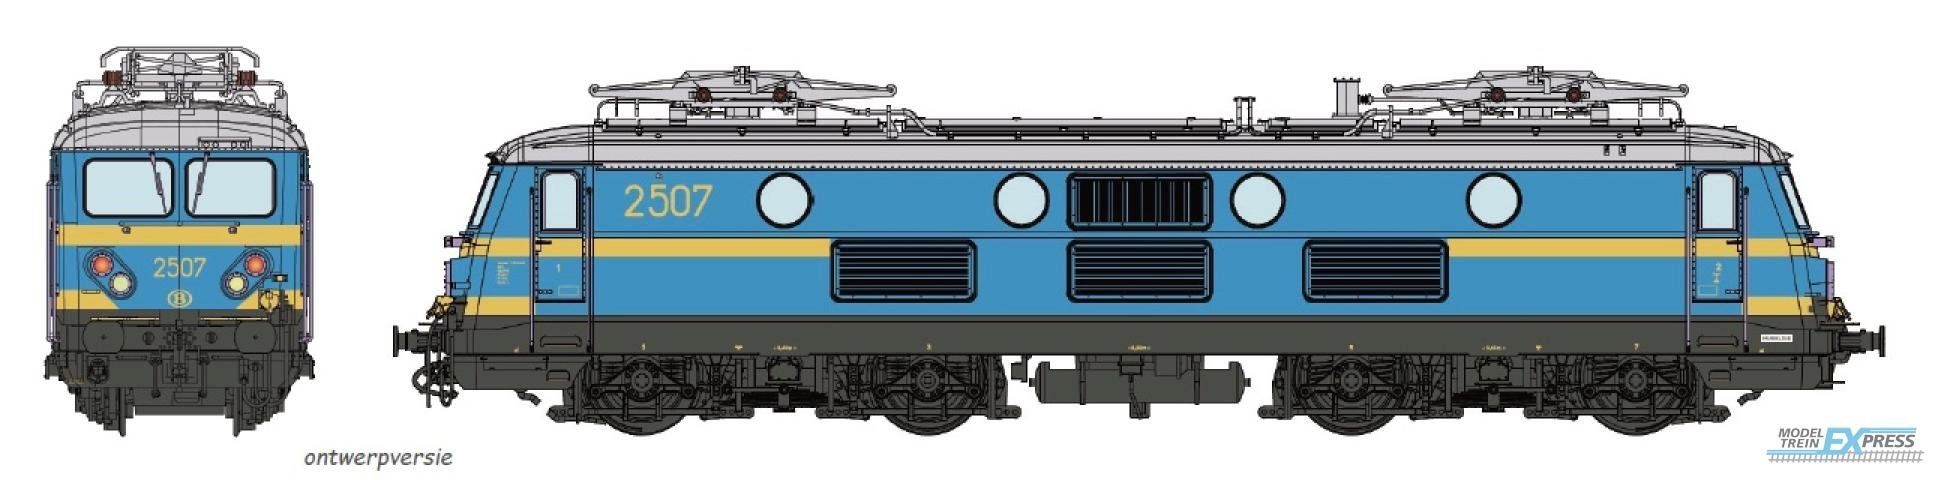 B-Models 3205.06